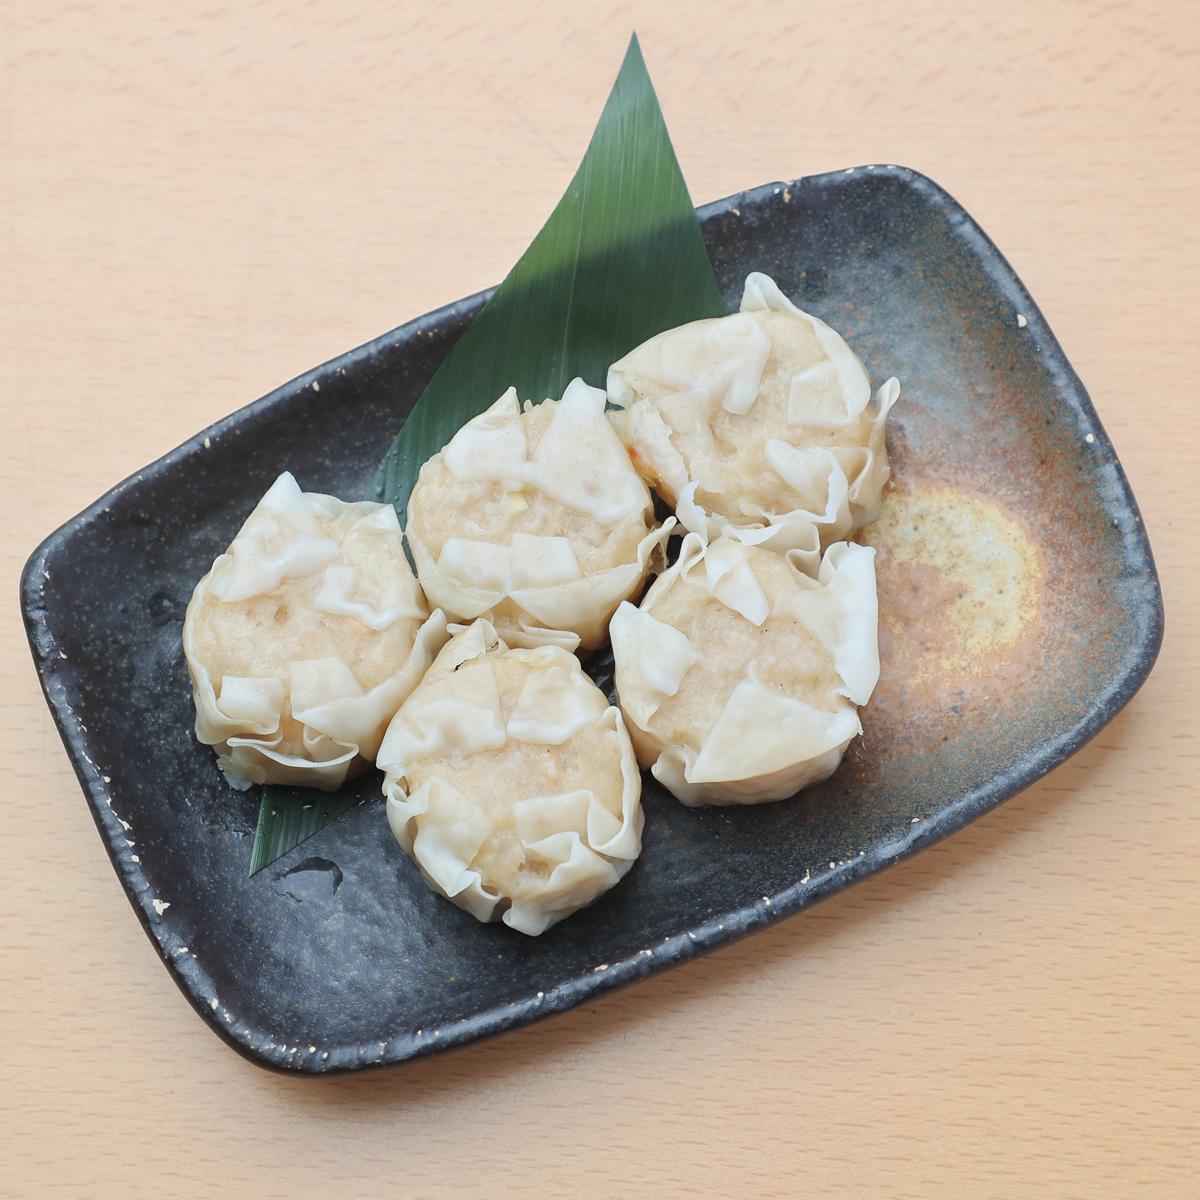 鳥益特製チキン焼売(5ヶ) 390円